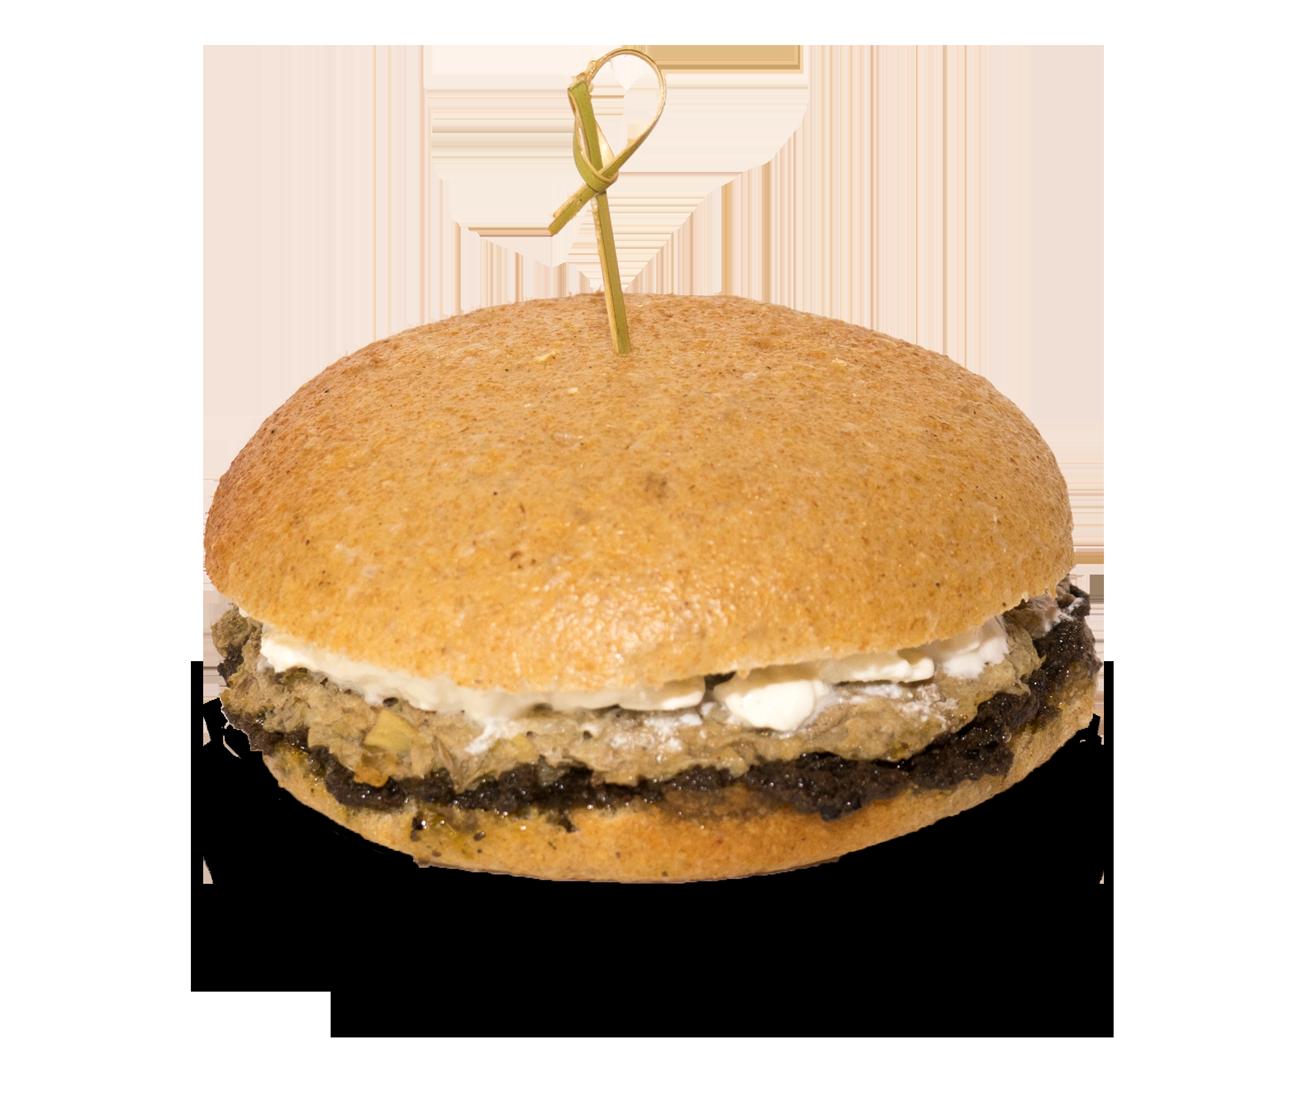 Decagon, panino con hamburger di carciofi, patè di olive e stracciatella di bufala.